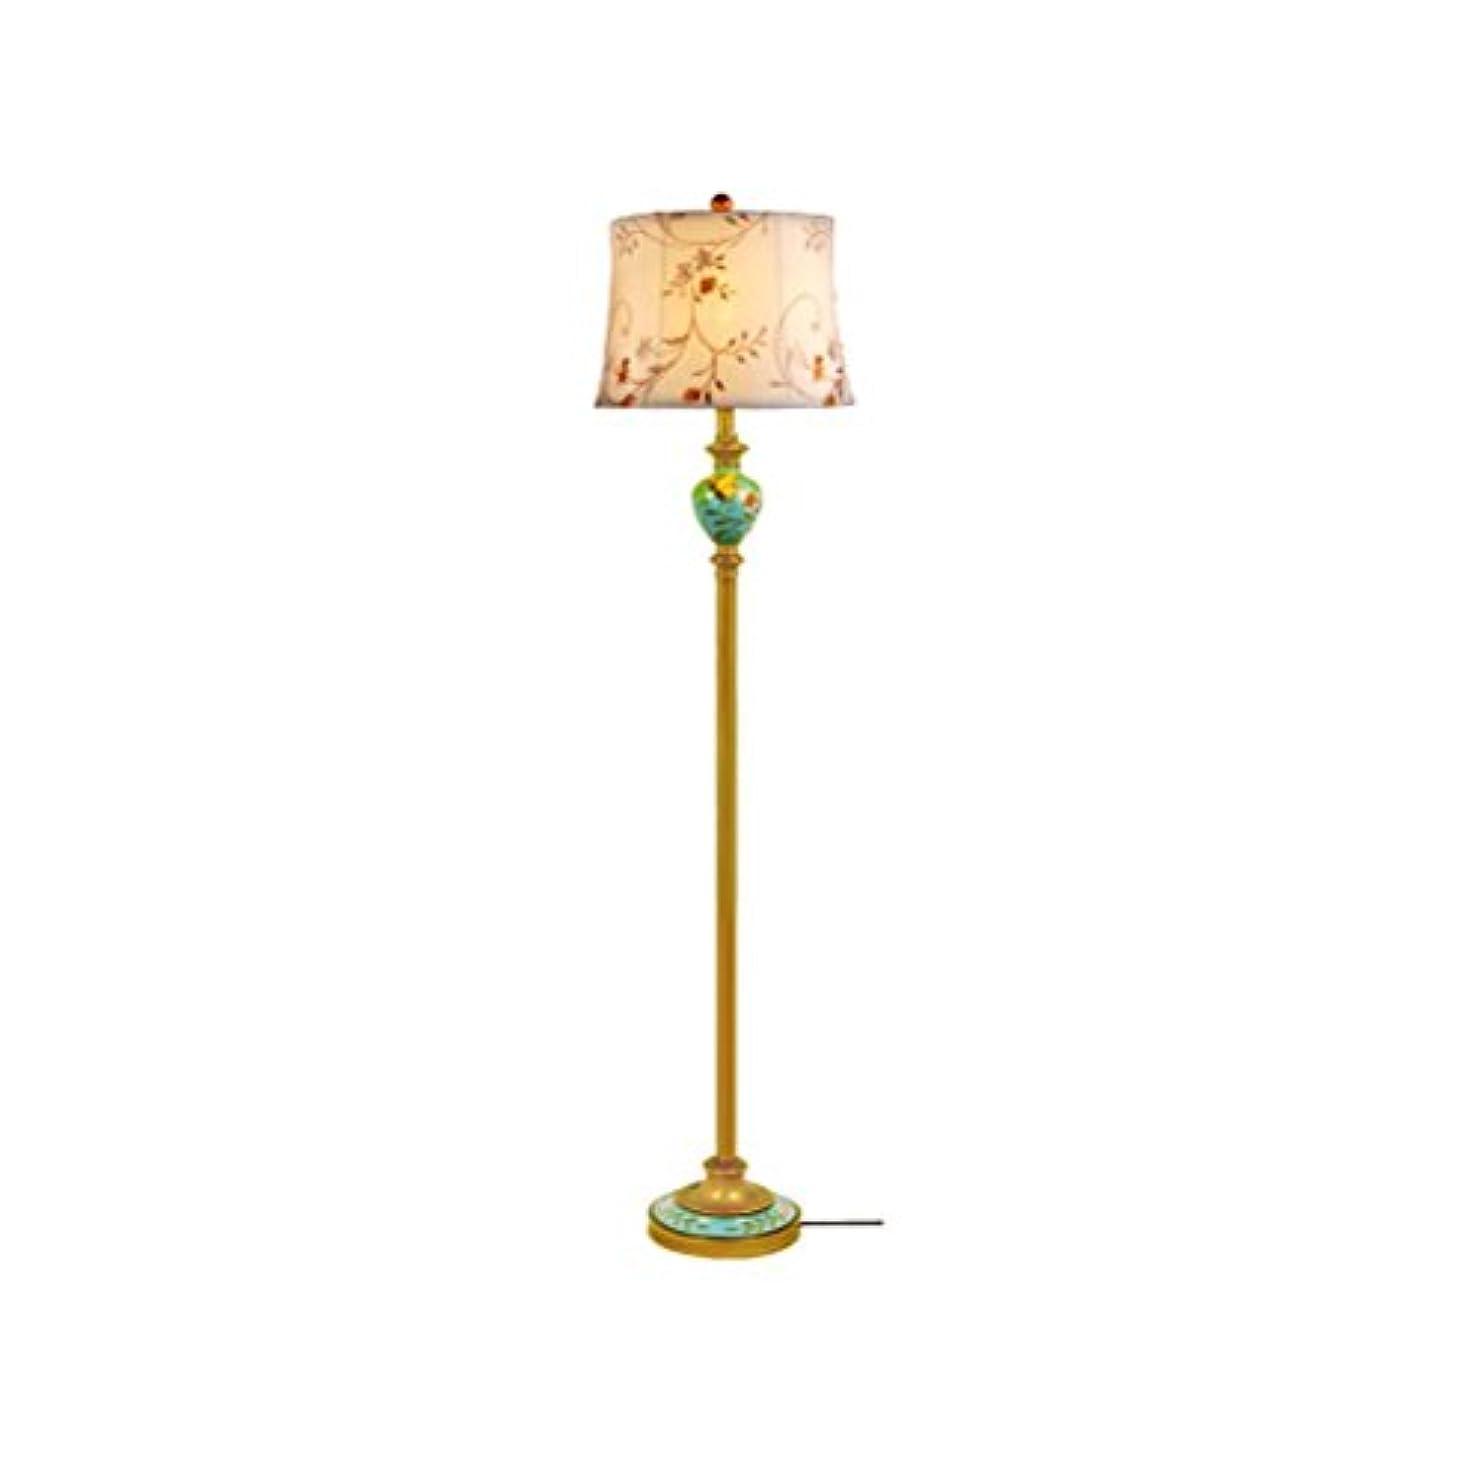 ブース成り立つ手錠レトロガーデンスタディ垂直テーブルランプヨーロッパの創造的な暖かい寝室のベッドサイドのフロアランプ (Color : 9405200090)